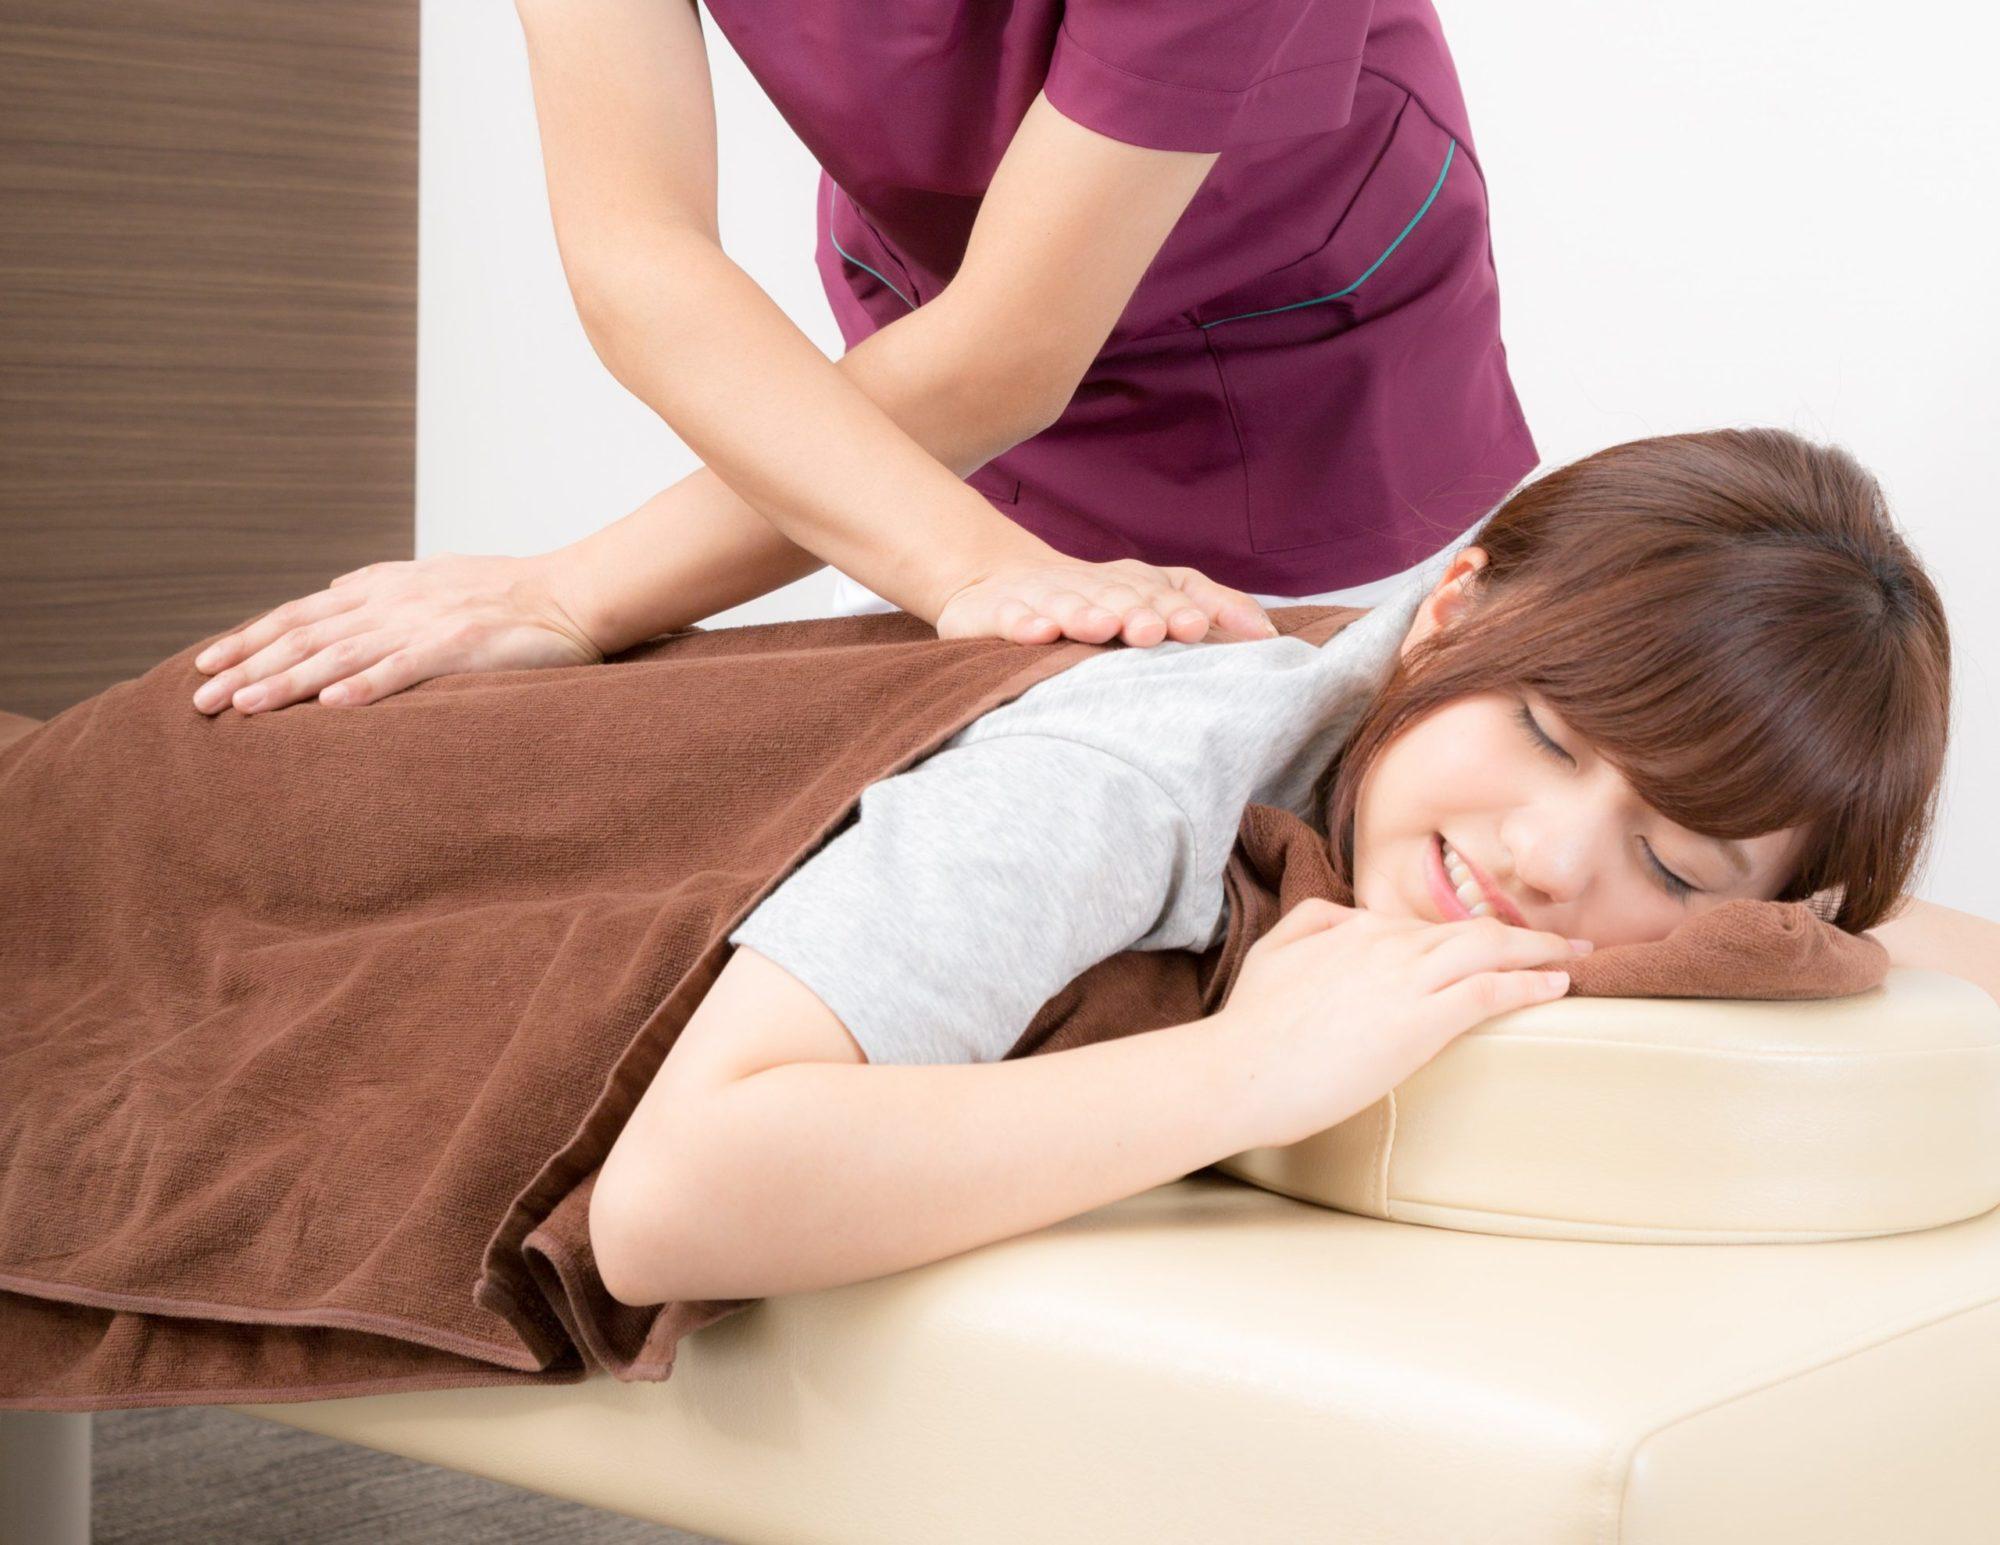 本格健康整体&足つぼ&足圧療法 もみ次郎